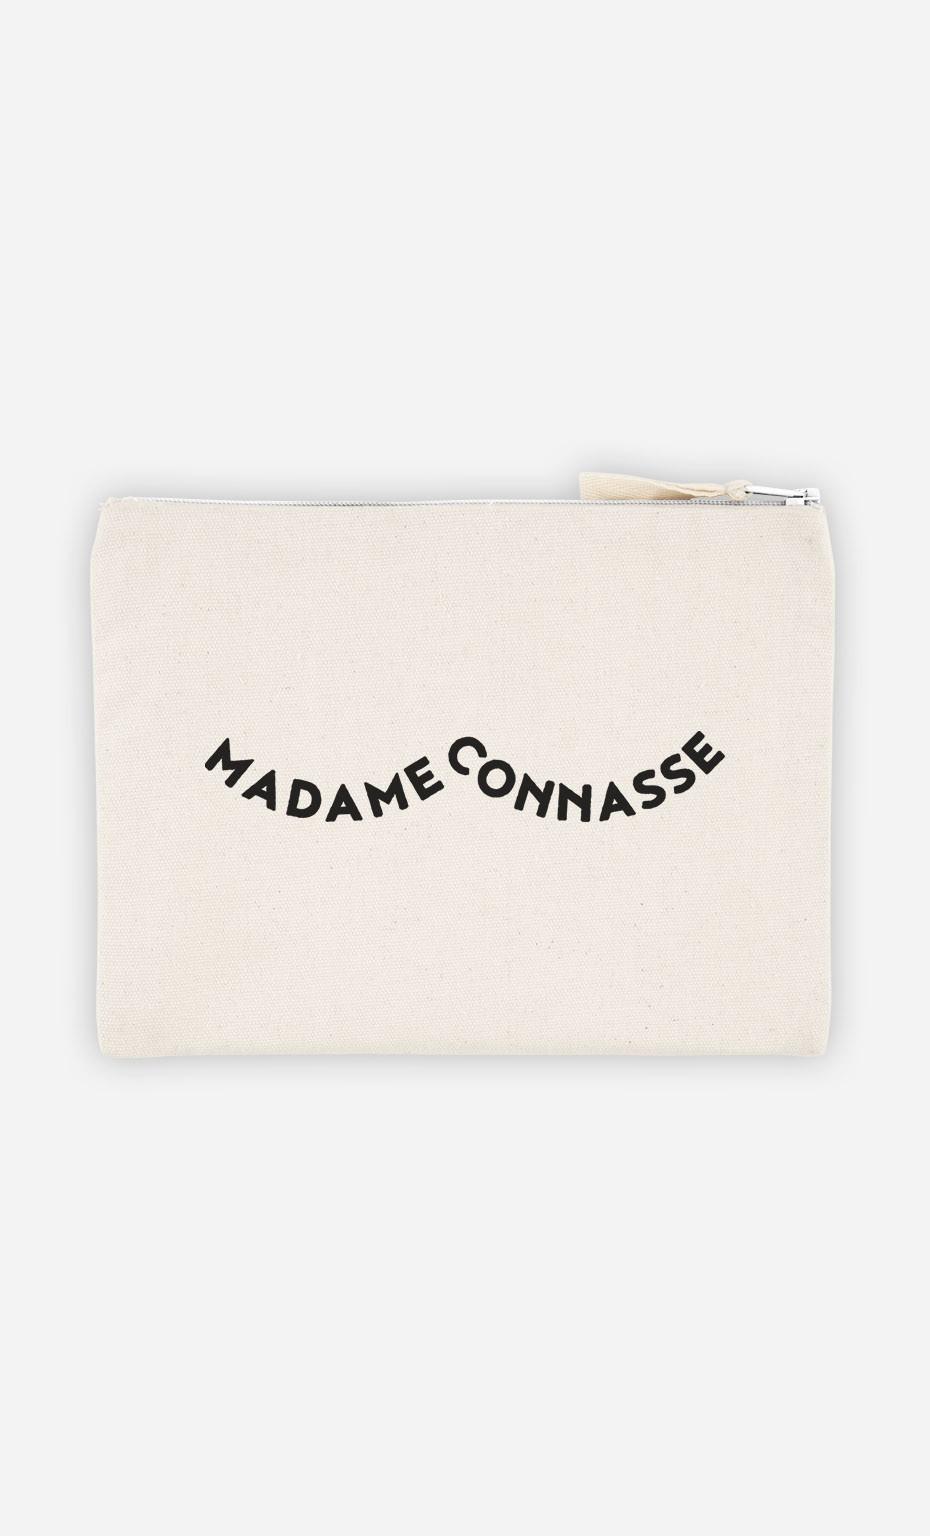 Pochette Madame Connasse